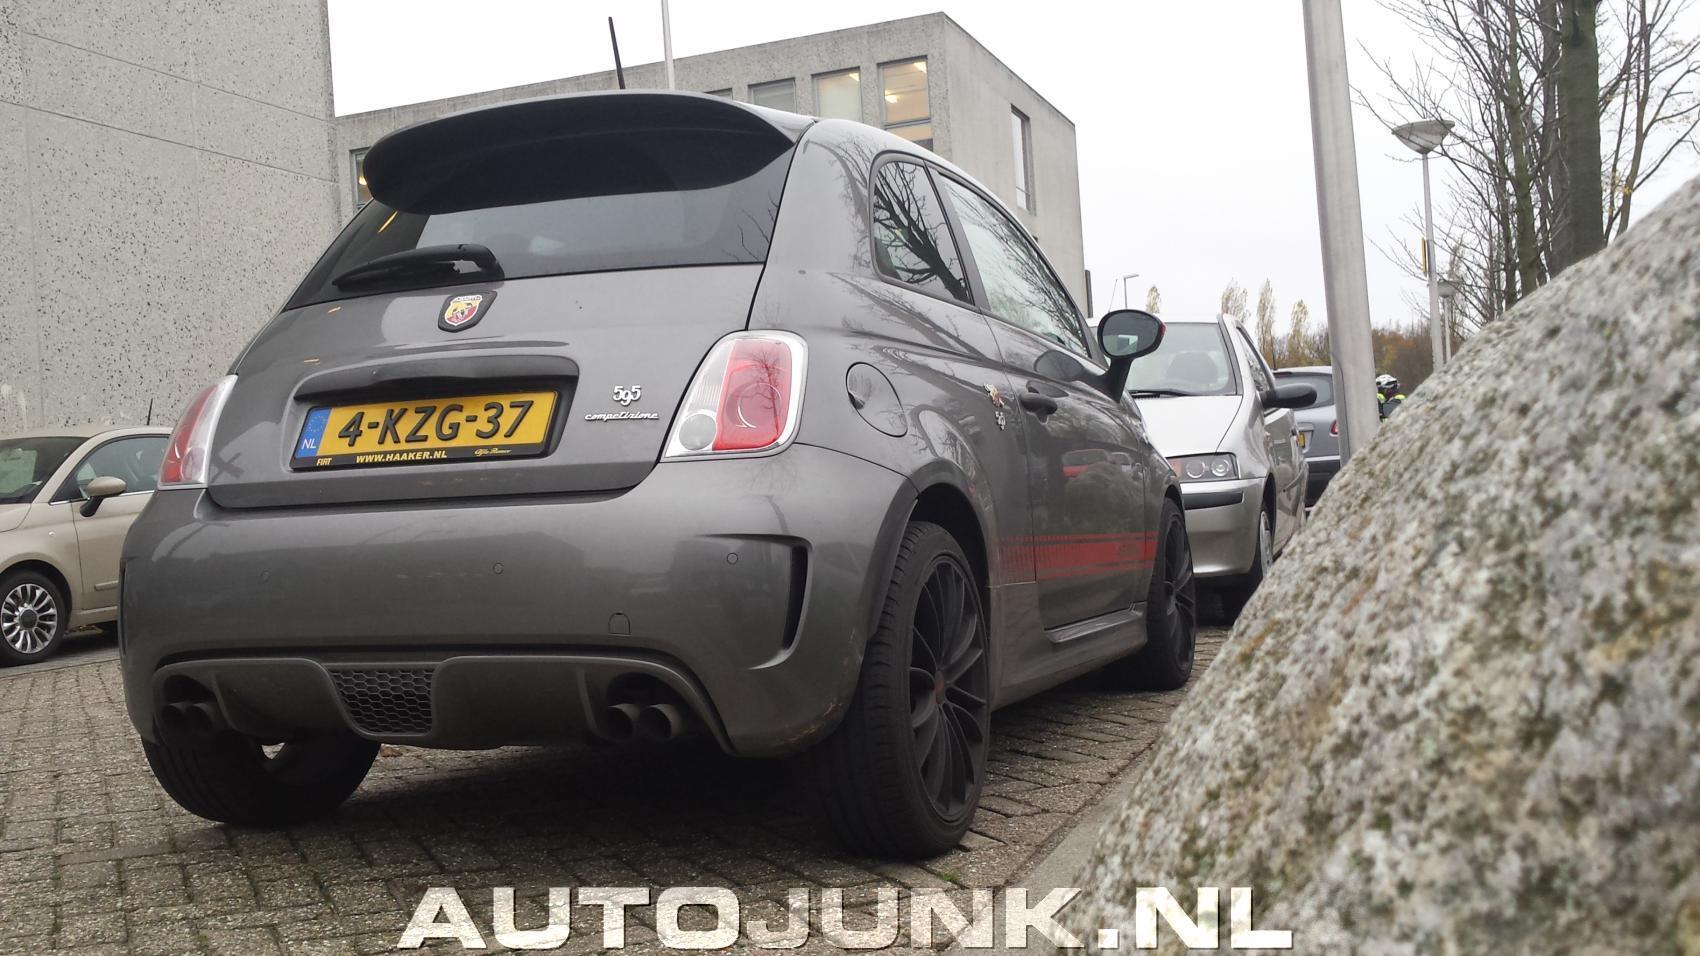 Abarth 595 Competizione foto's » Autojunk.nl (156542)